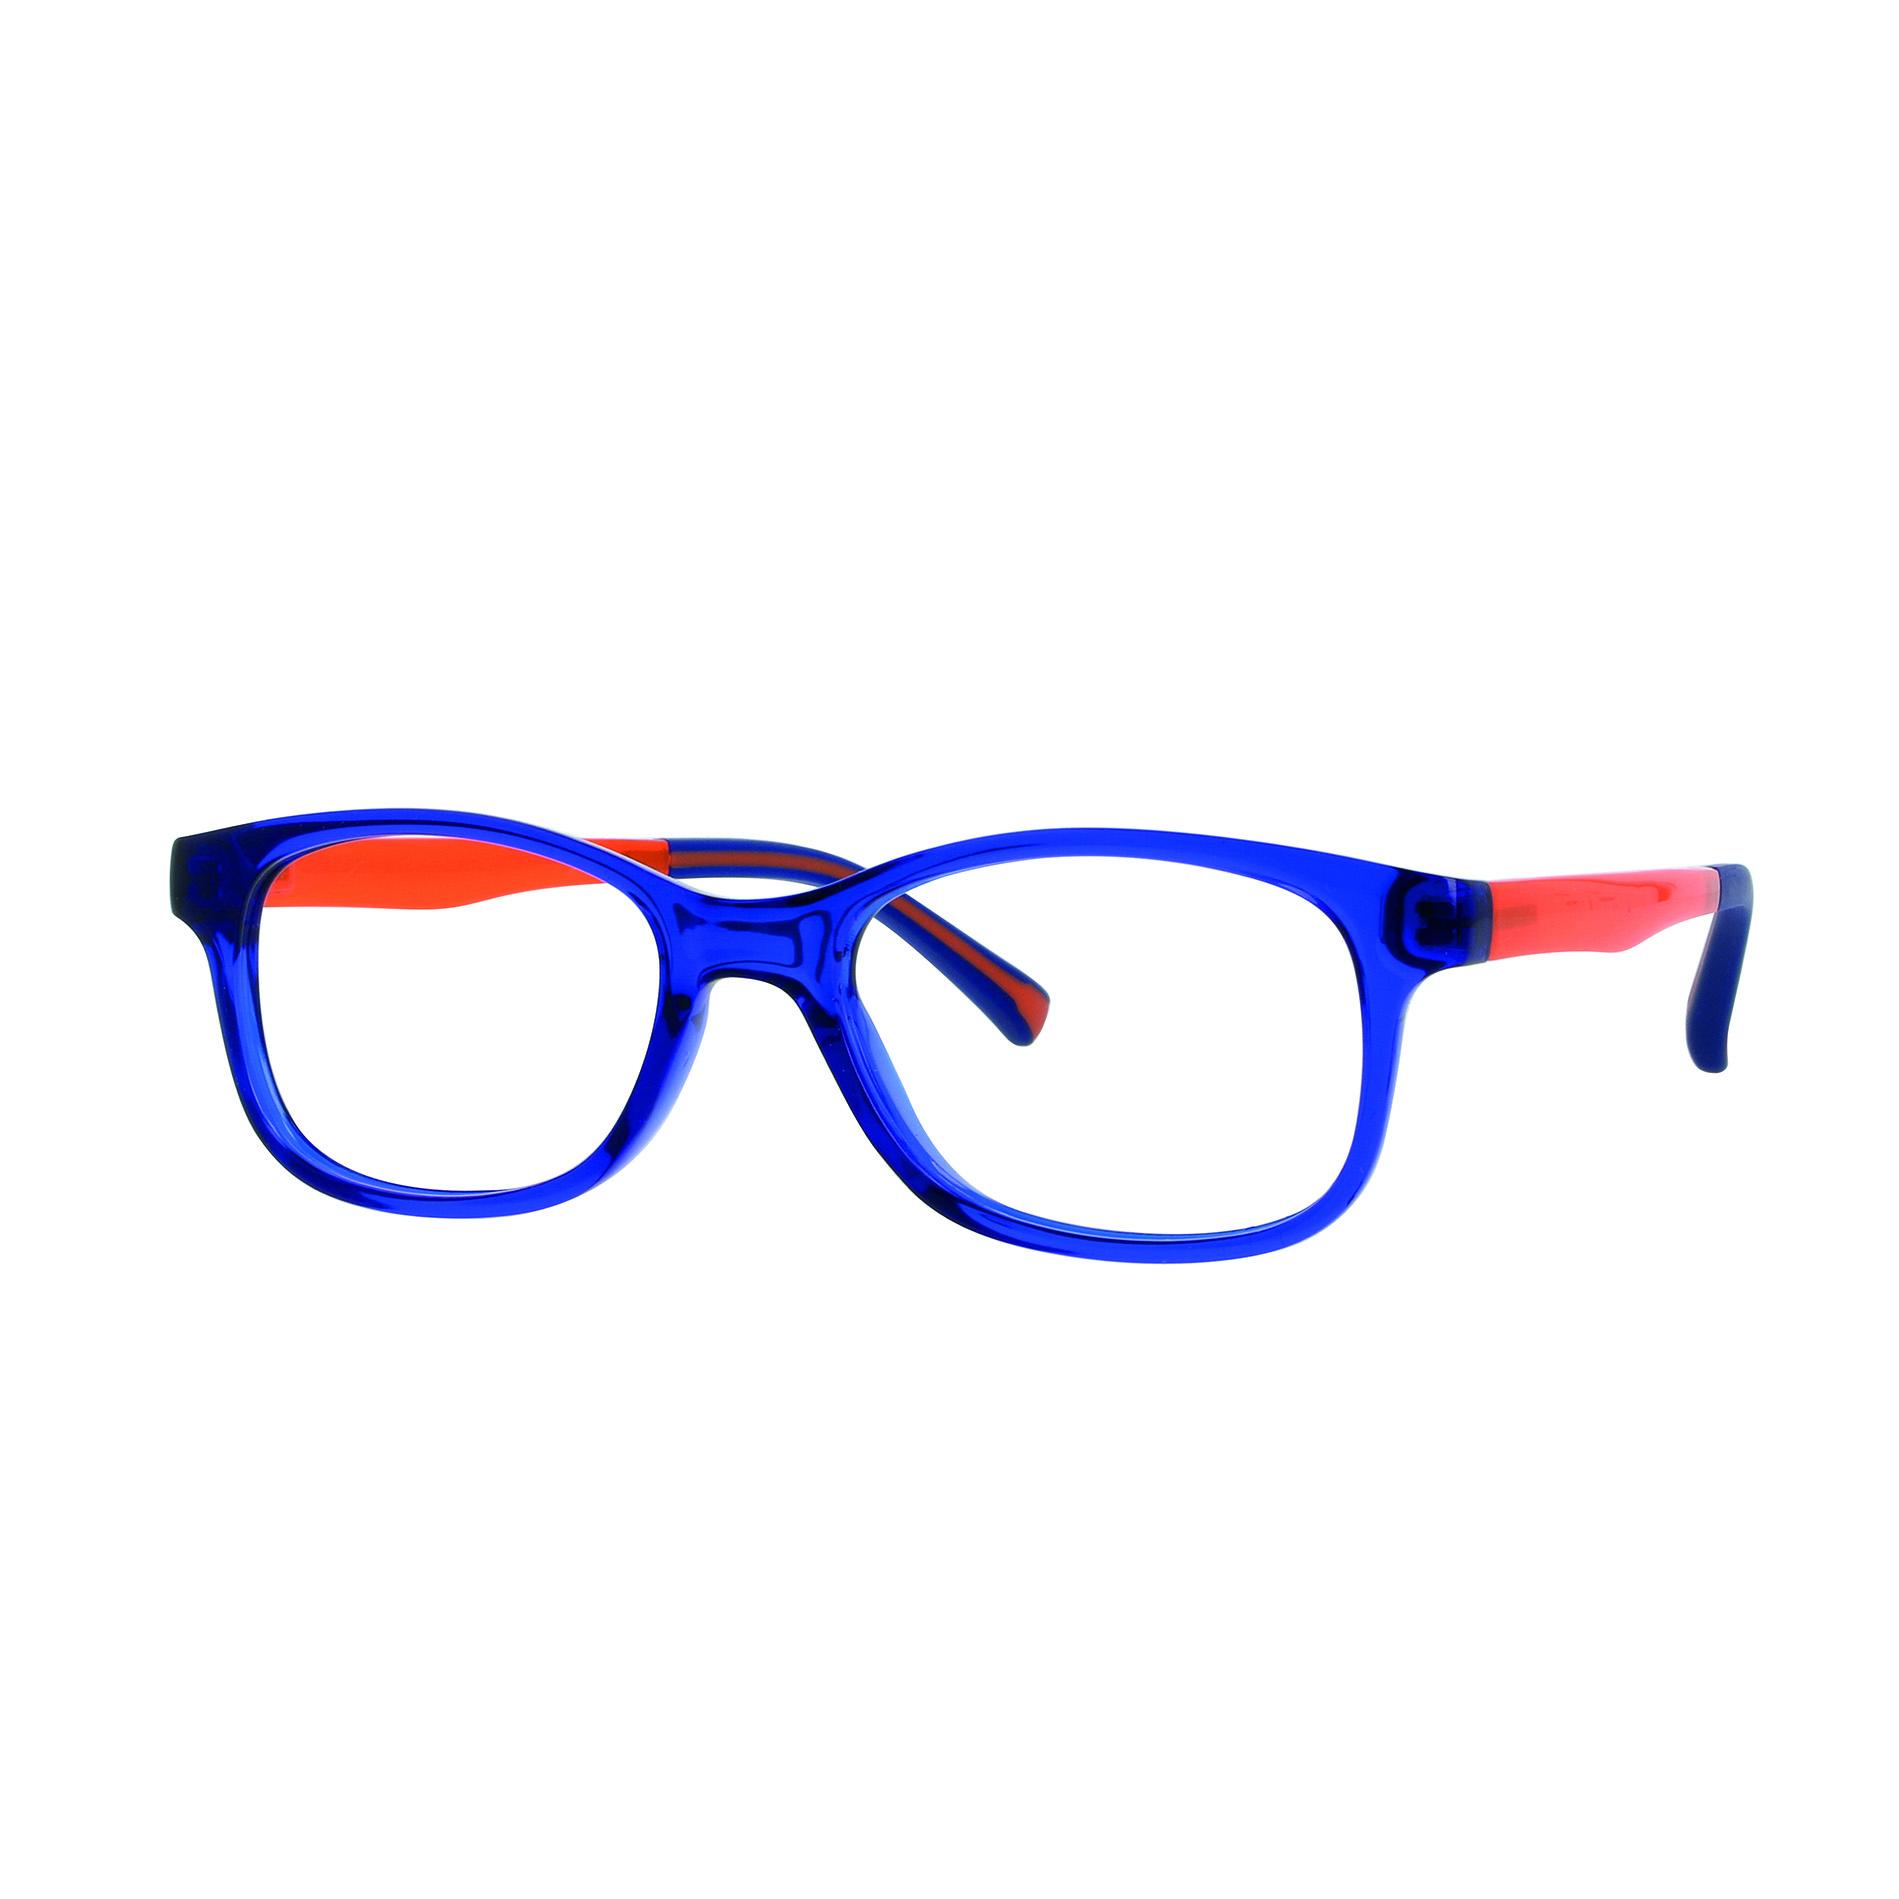 02F012946229000 - Armação Inf Active Colours (4) 46x16 Azul/Laranja Mod F012946229000 - Contém 1 Peça